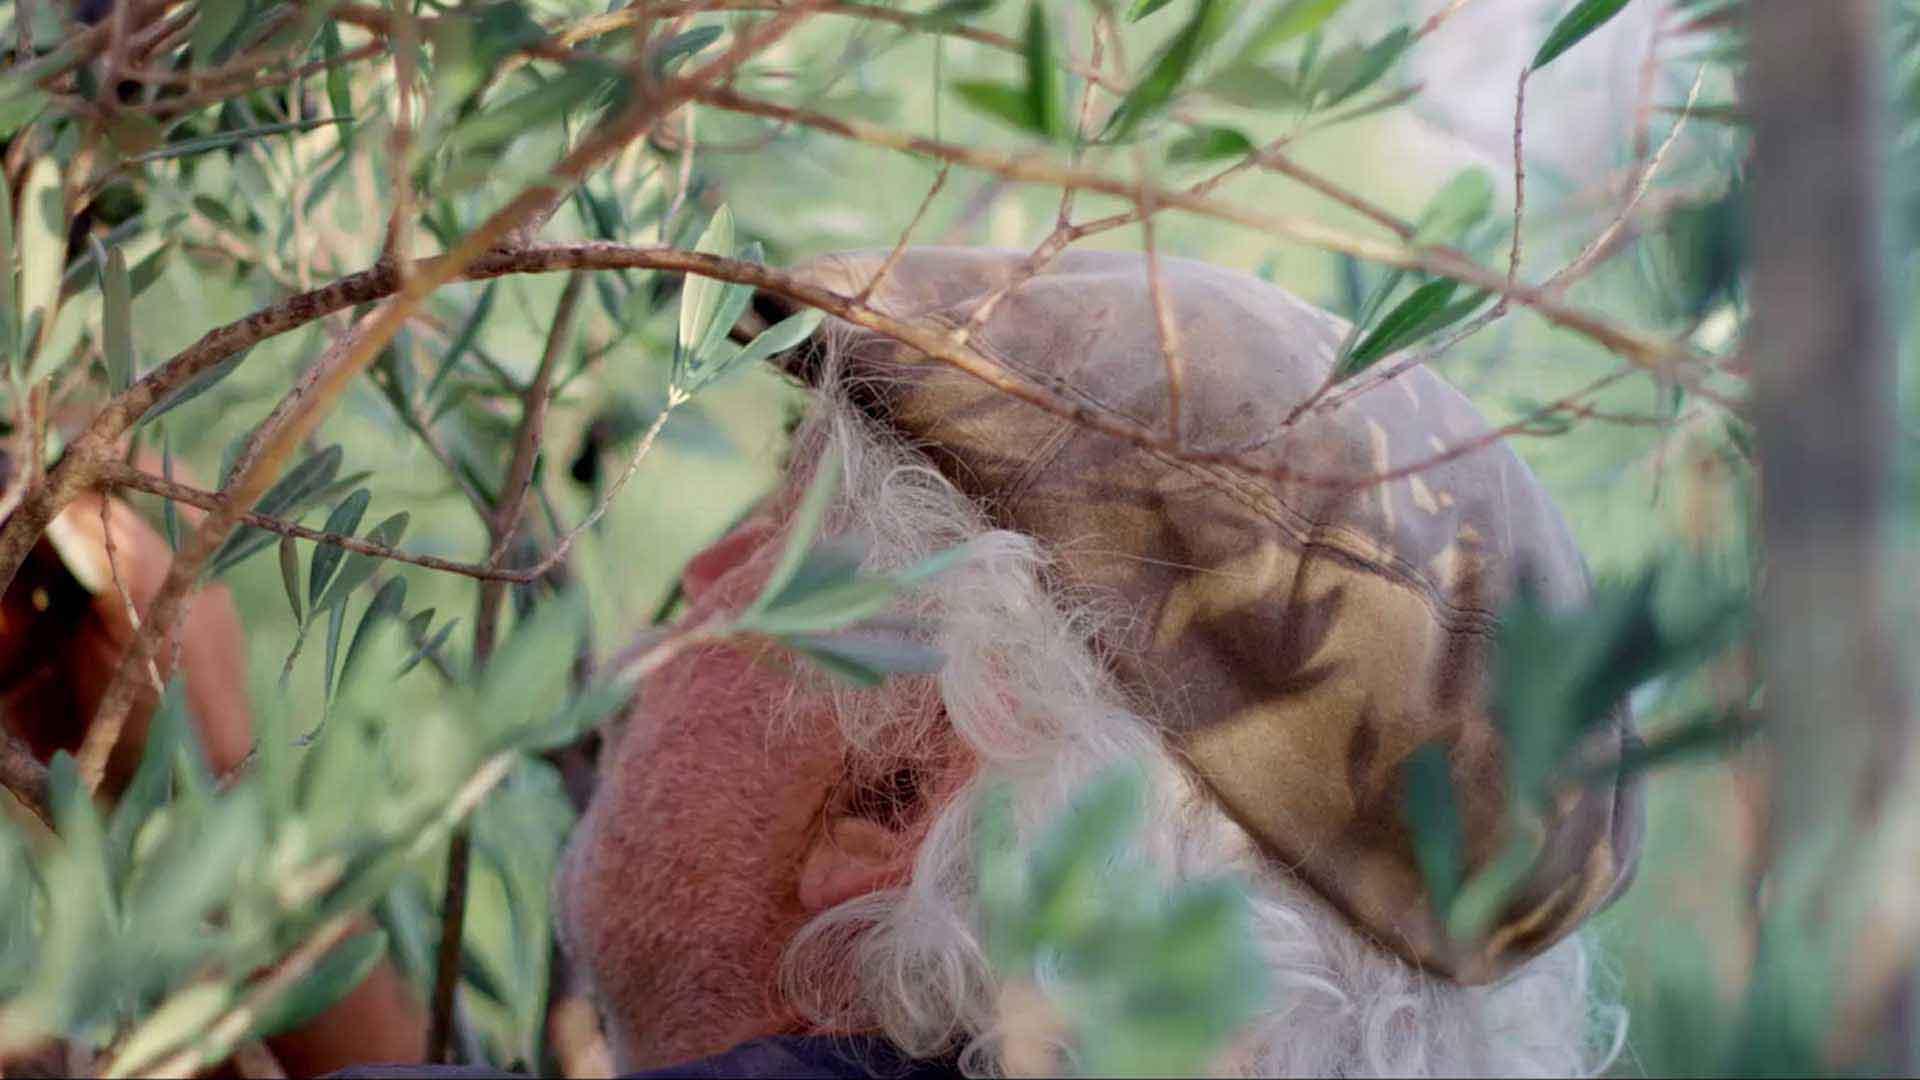 Wir sehen einen Mann. Er steht in einem Baum. Man sieht nur seinen Hinterkopf. Er trägt eine Mütze in der Farbe braun. Seine Haare sind weiß. Das Bild dient als Making Of Bild für den Portfolioeintrag Kurzfilm Tränen der Olive von Panda Pictures.